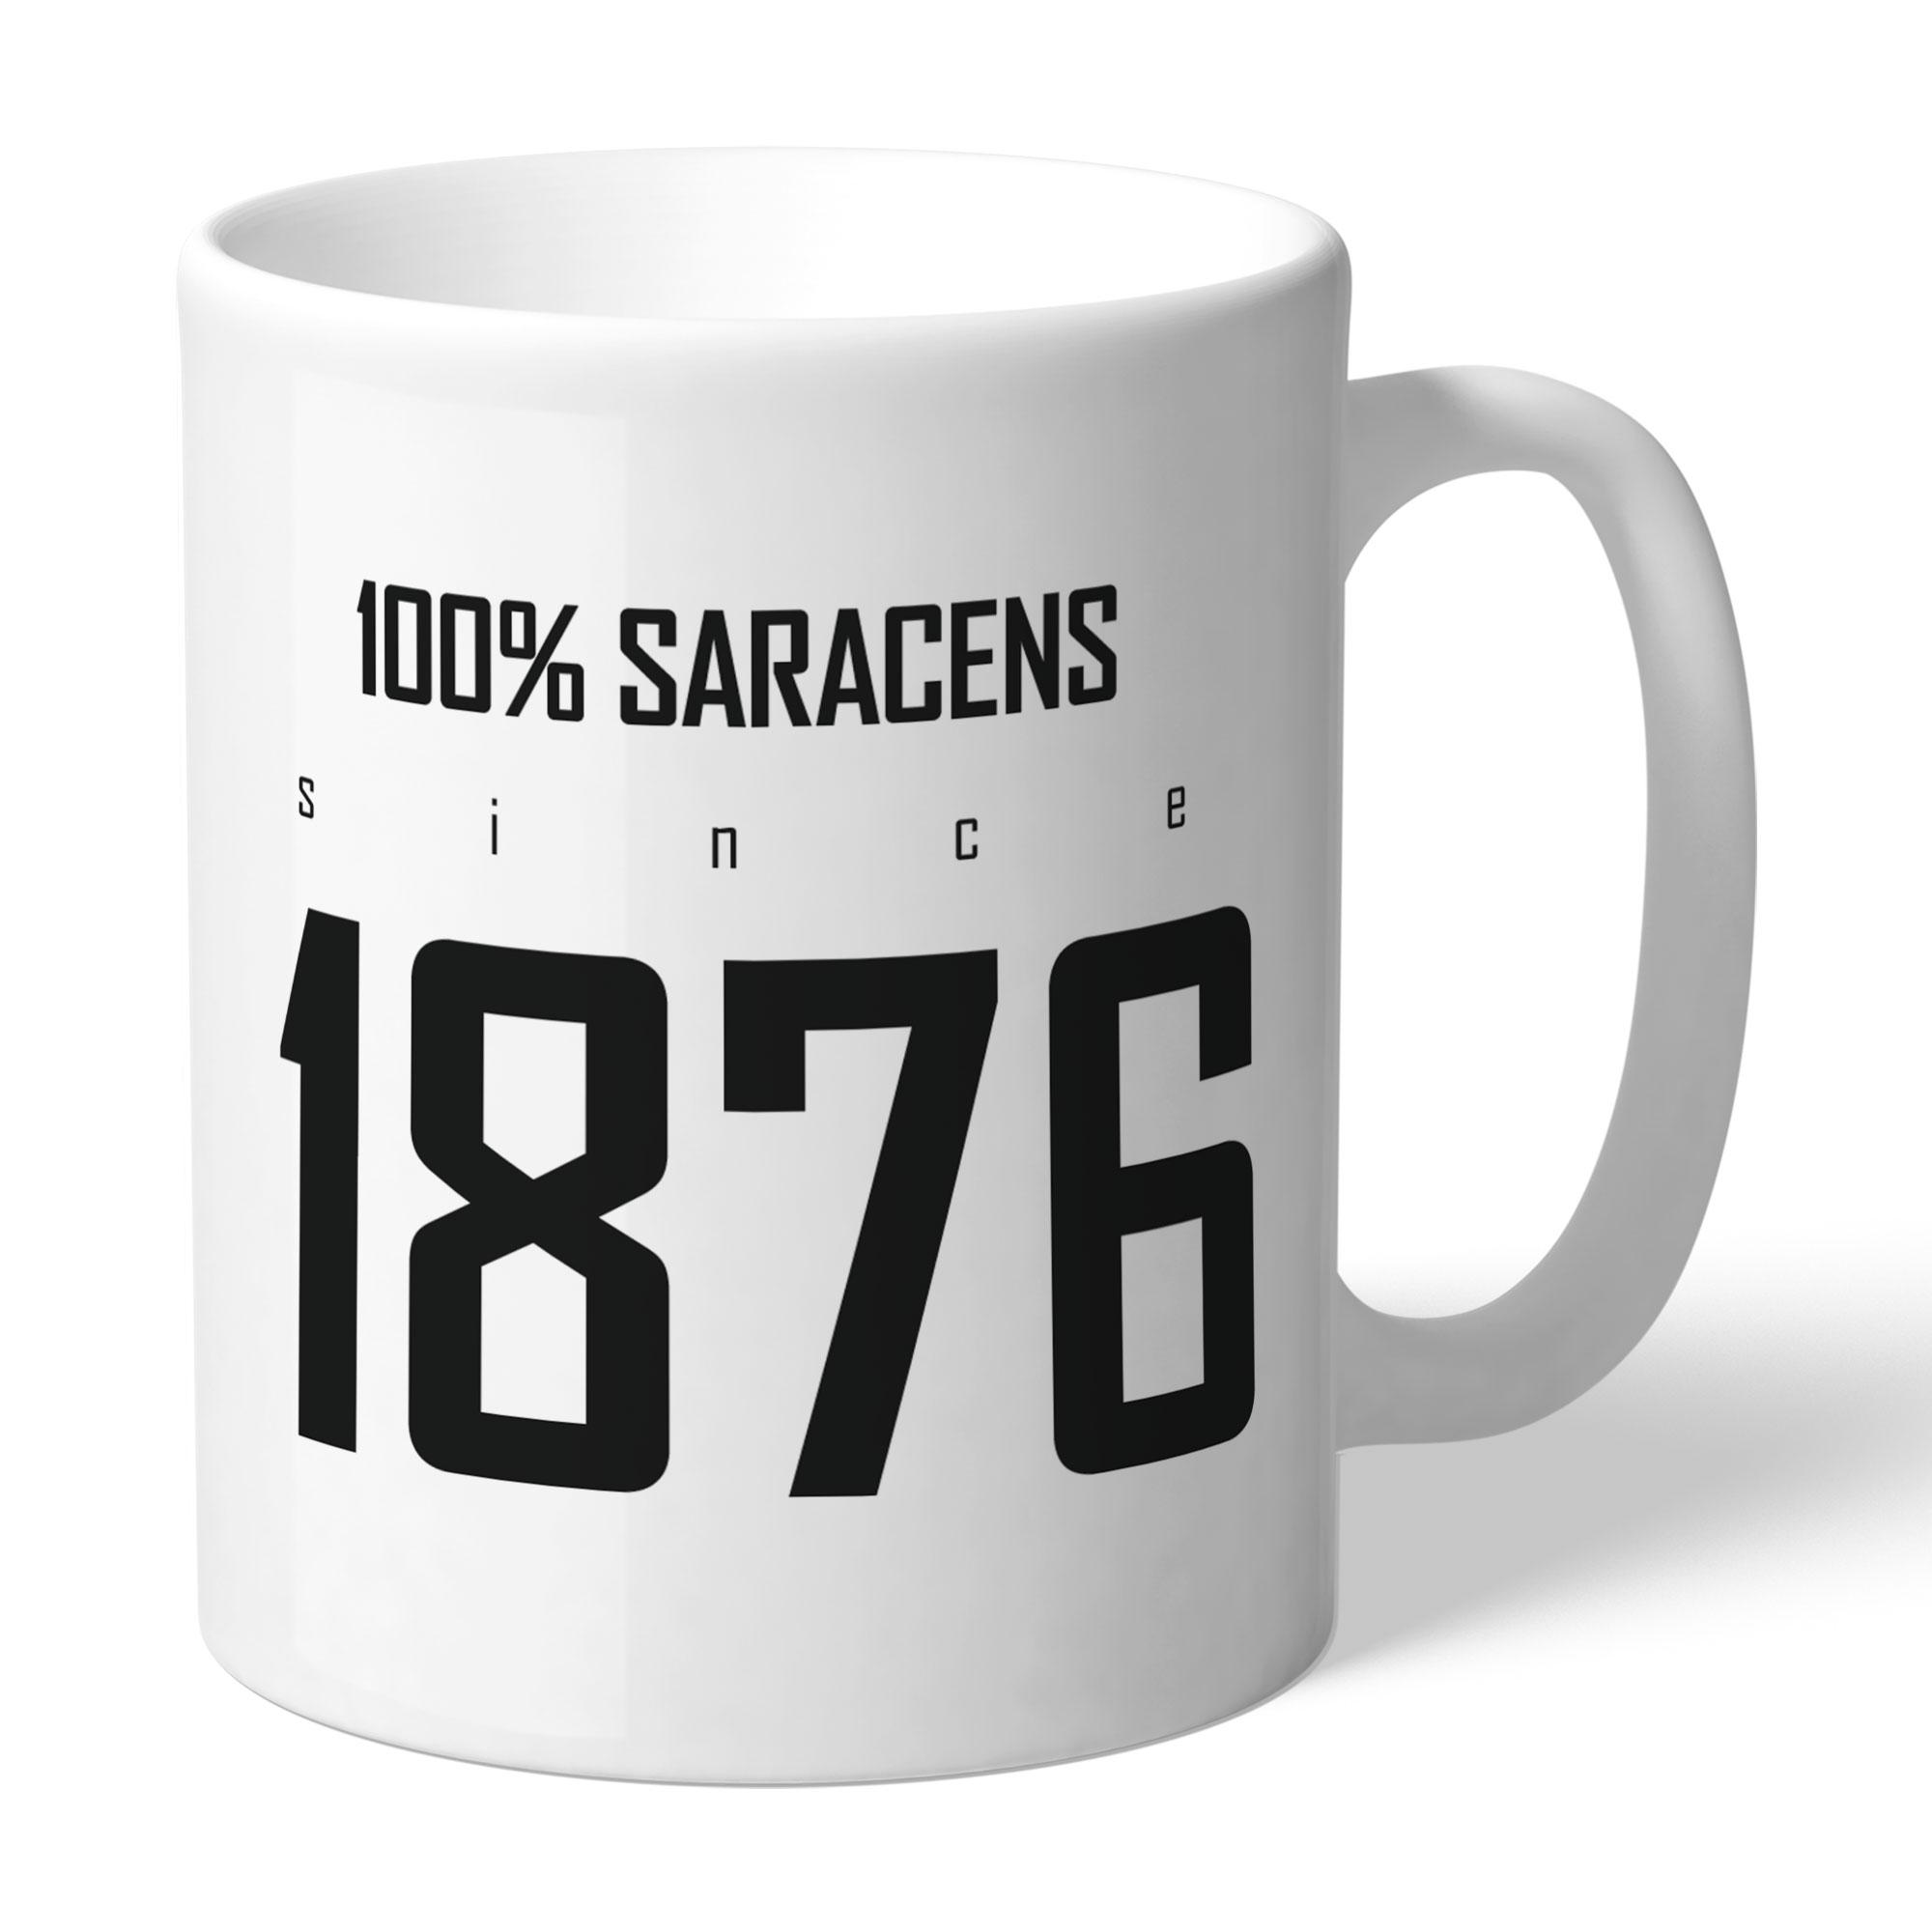 Saracens 100 Percent Mug